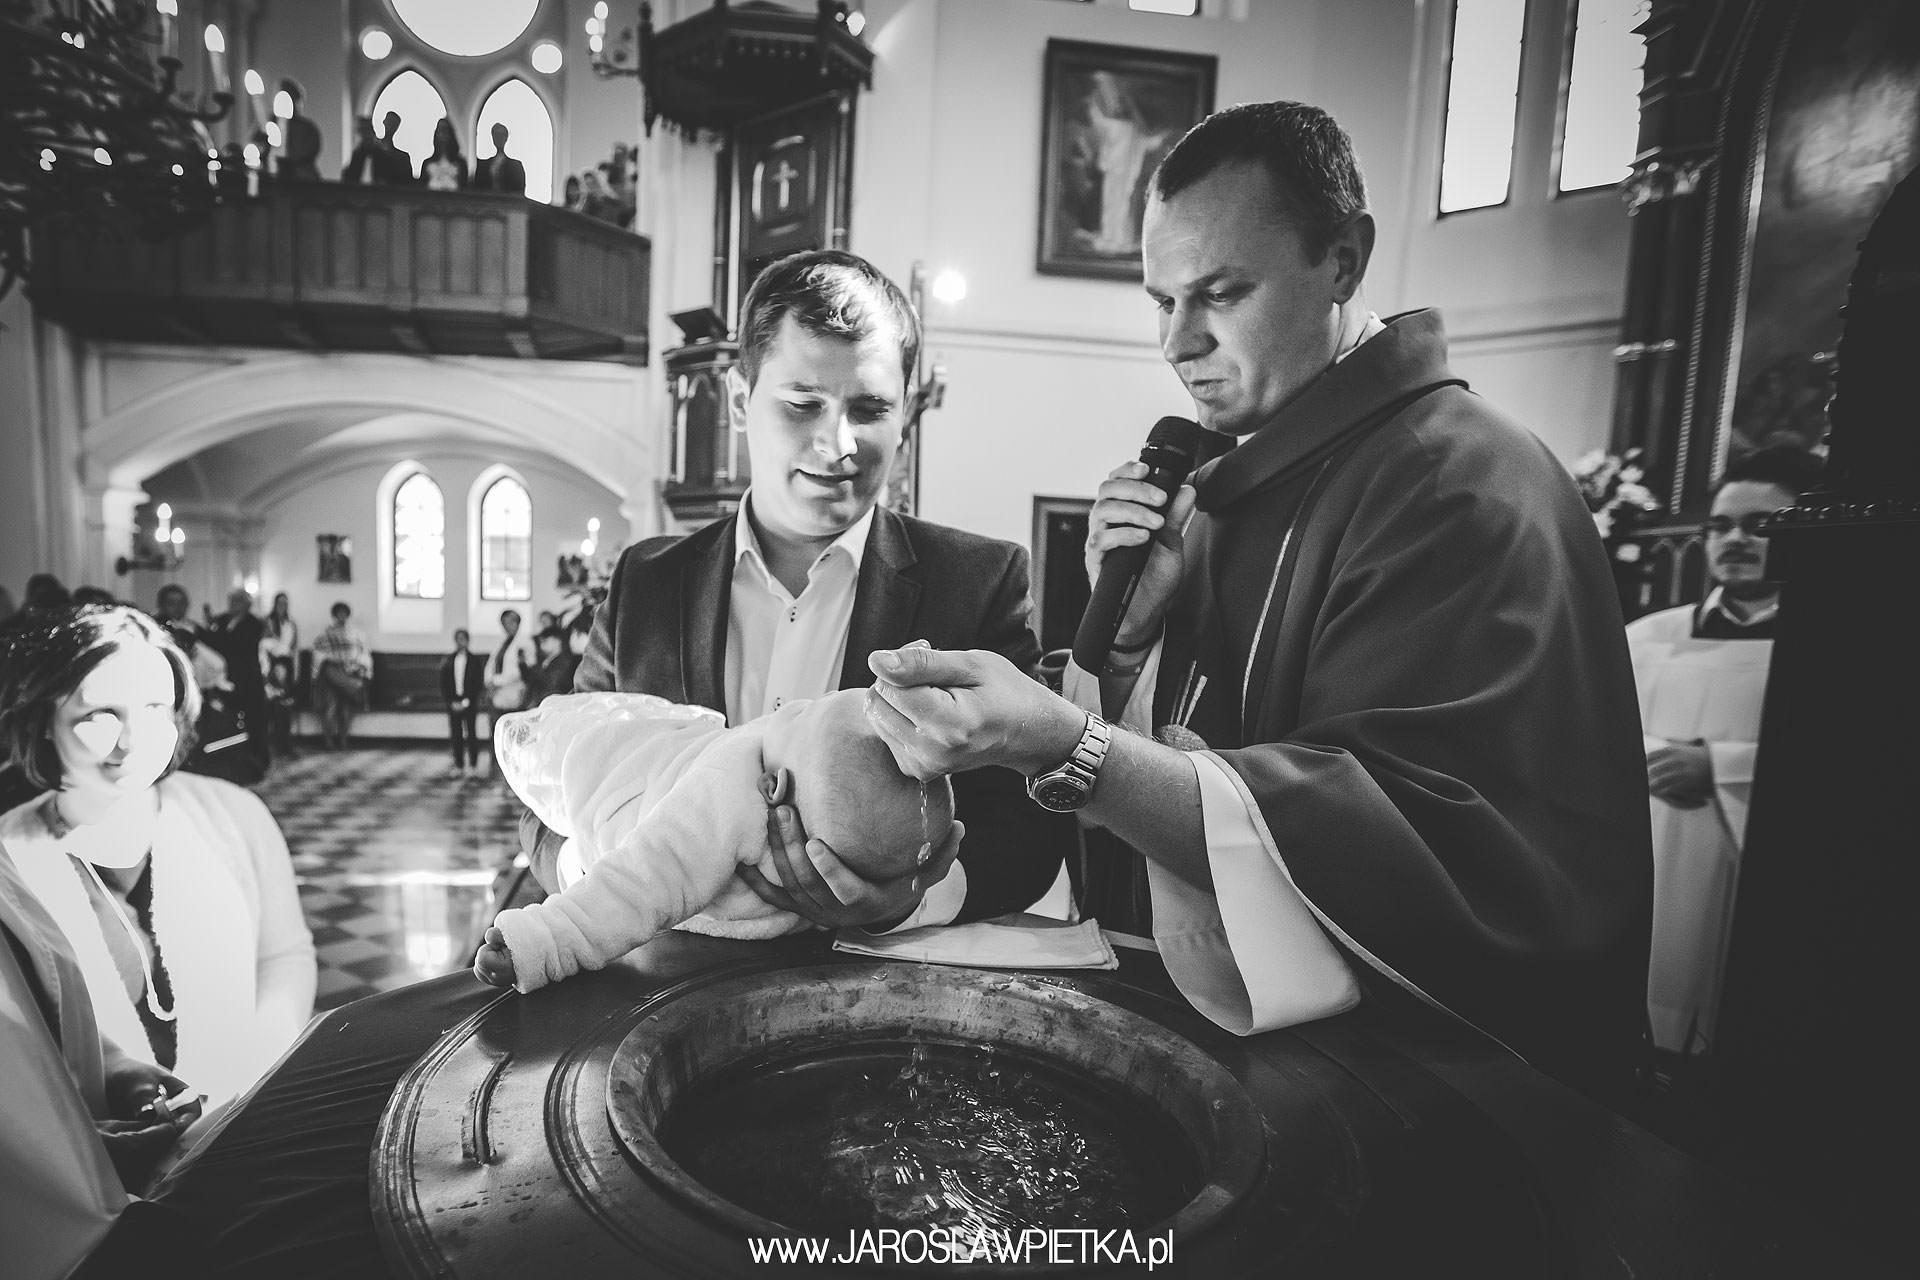 chrzest galeria zdjęć _ chrzest święty zdjęcia w kościele